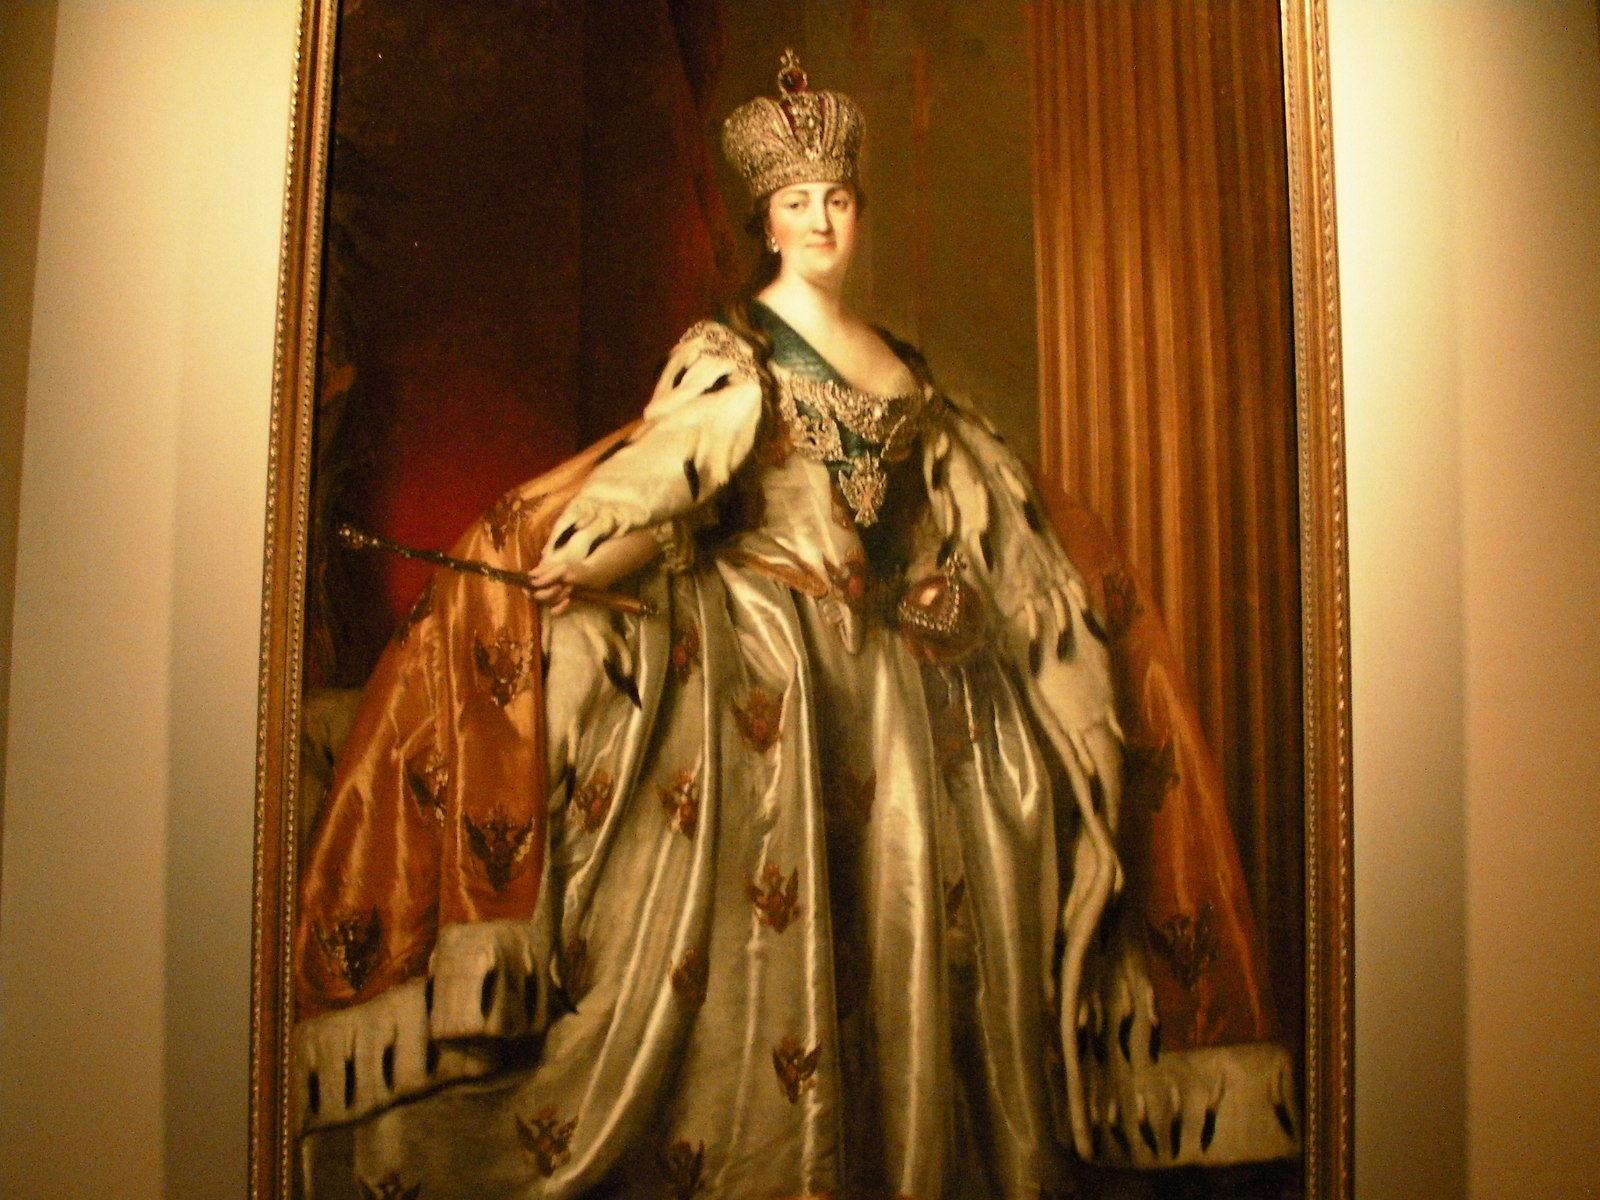 ウィギリウス・エリクセン《戴冠式のローブを着たエカテリーナ2世の肖像》(1760年代)